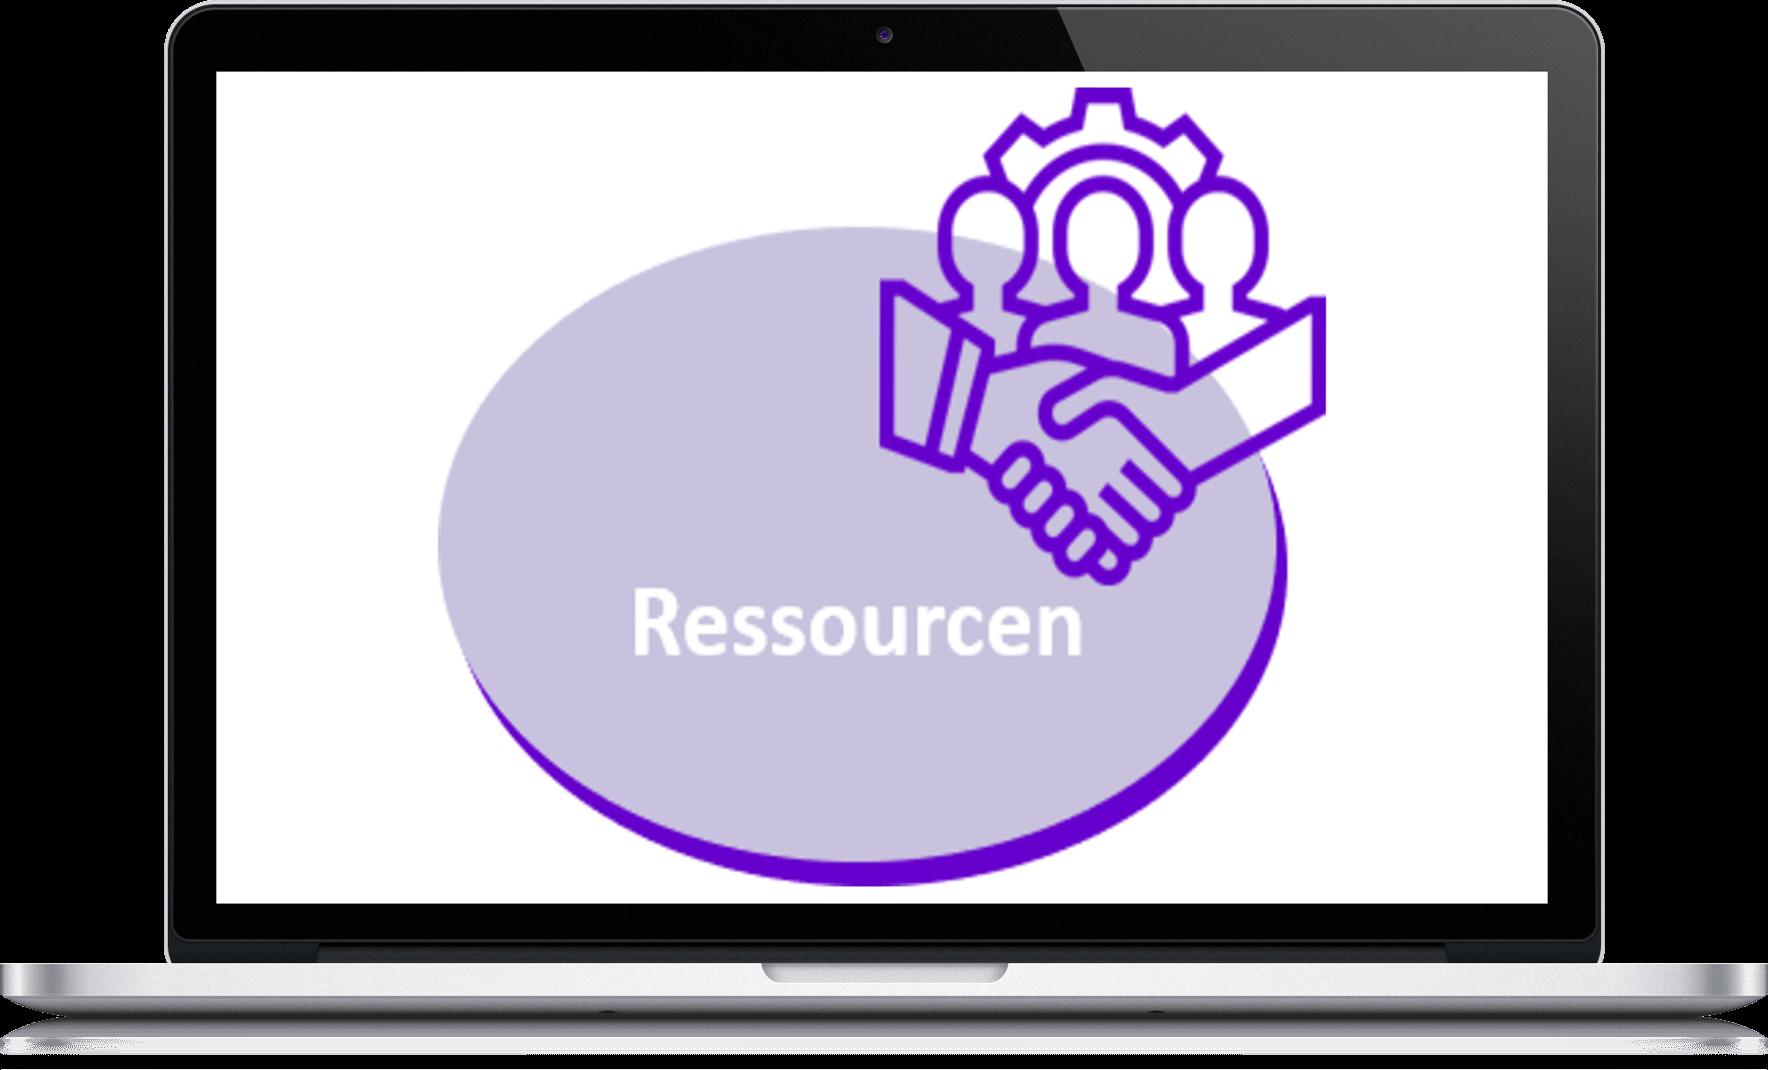 Ressourcen 3D